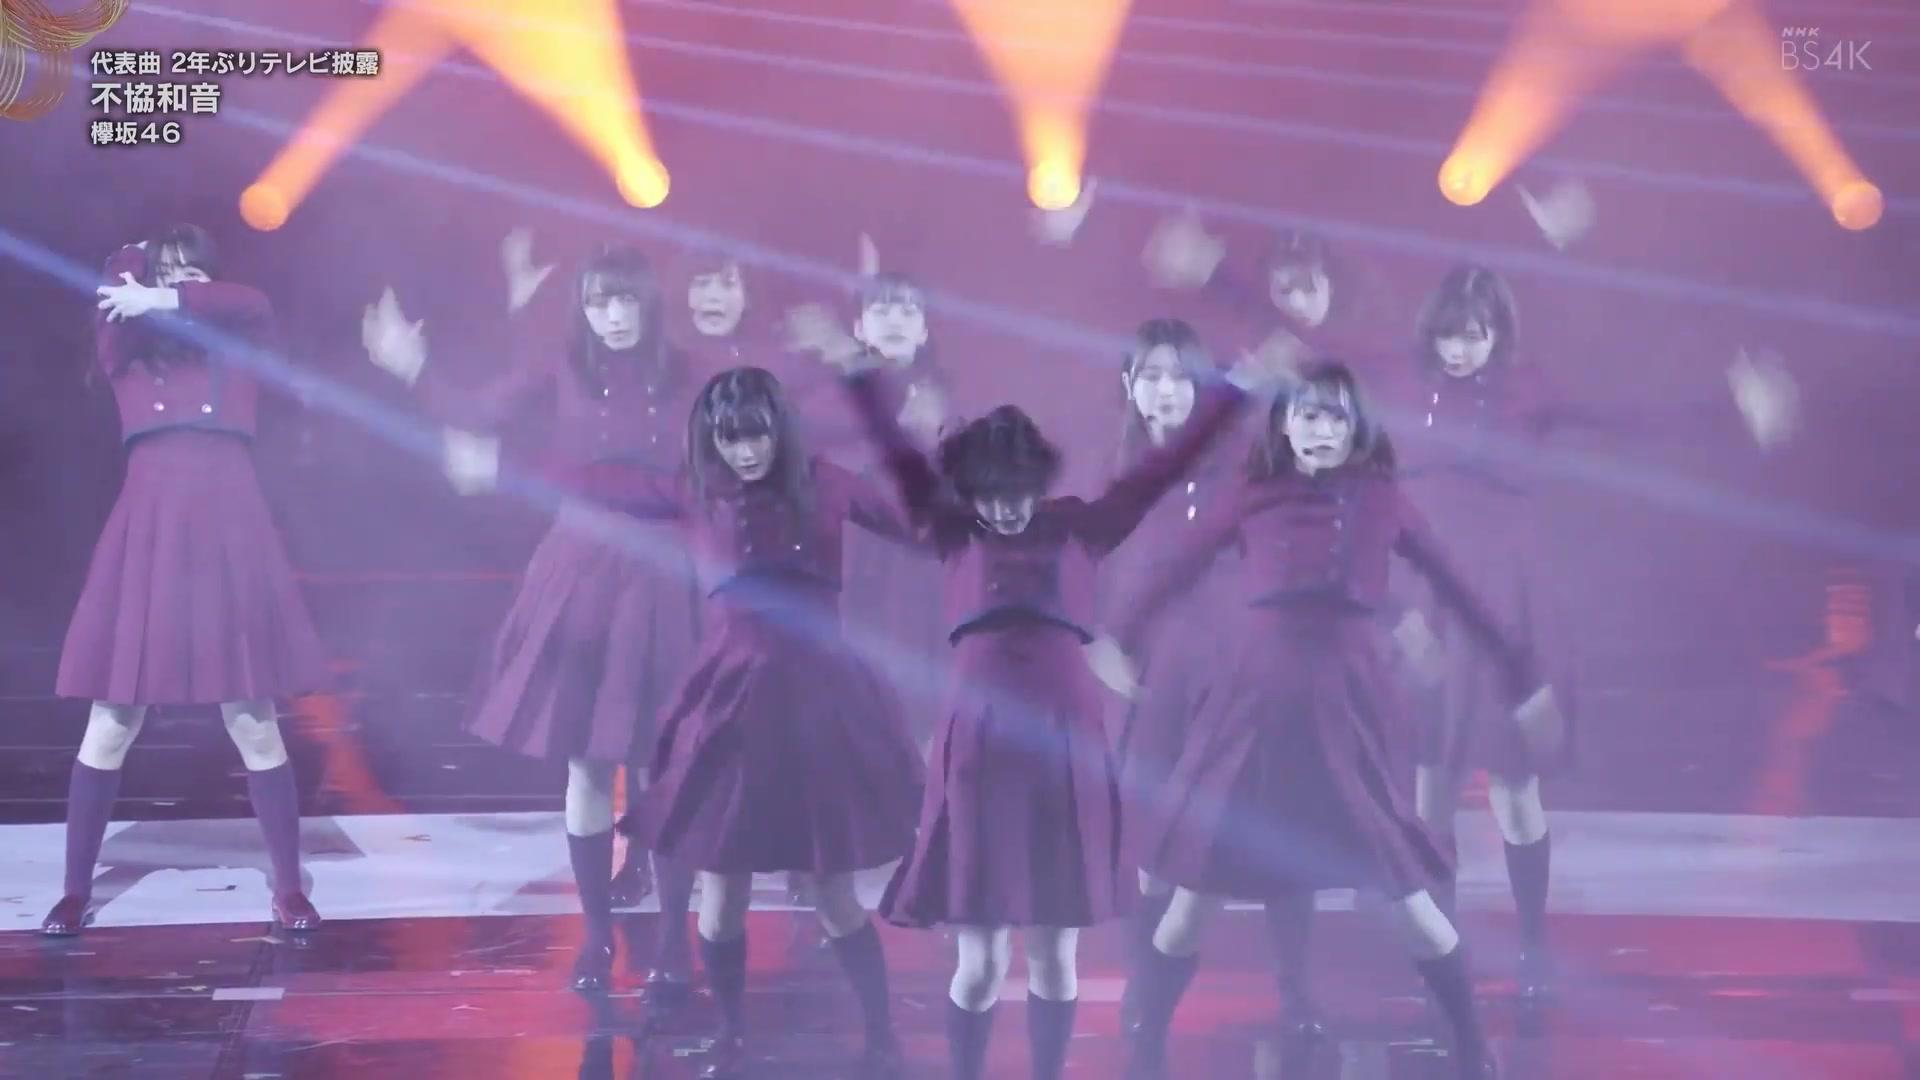 日本红白歌唱大赛 欅坂46 4回 不協和音 哔哩哔哩 つロ干杯